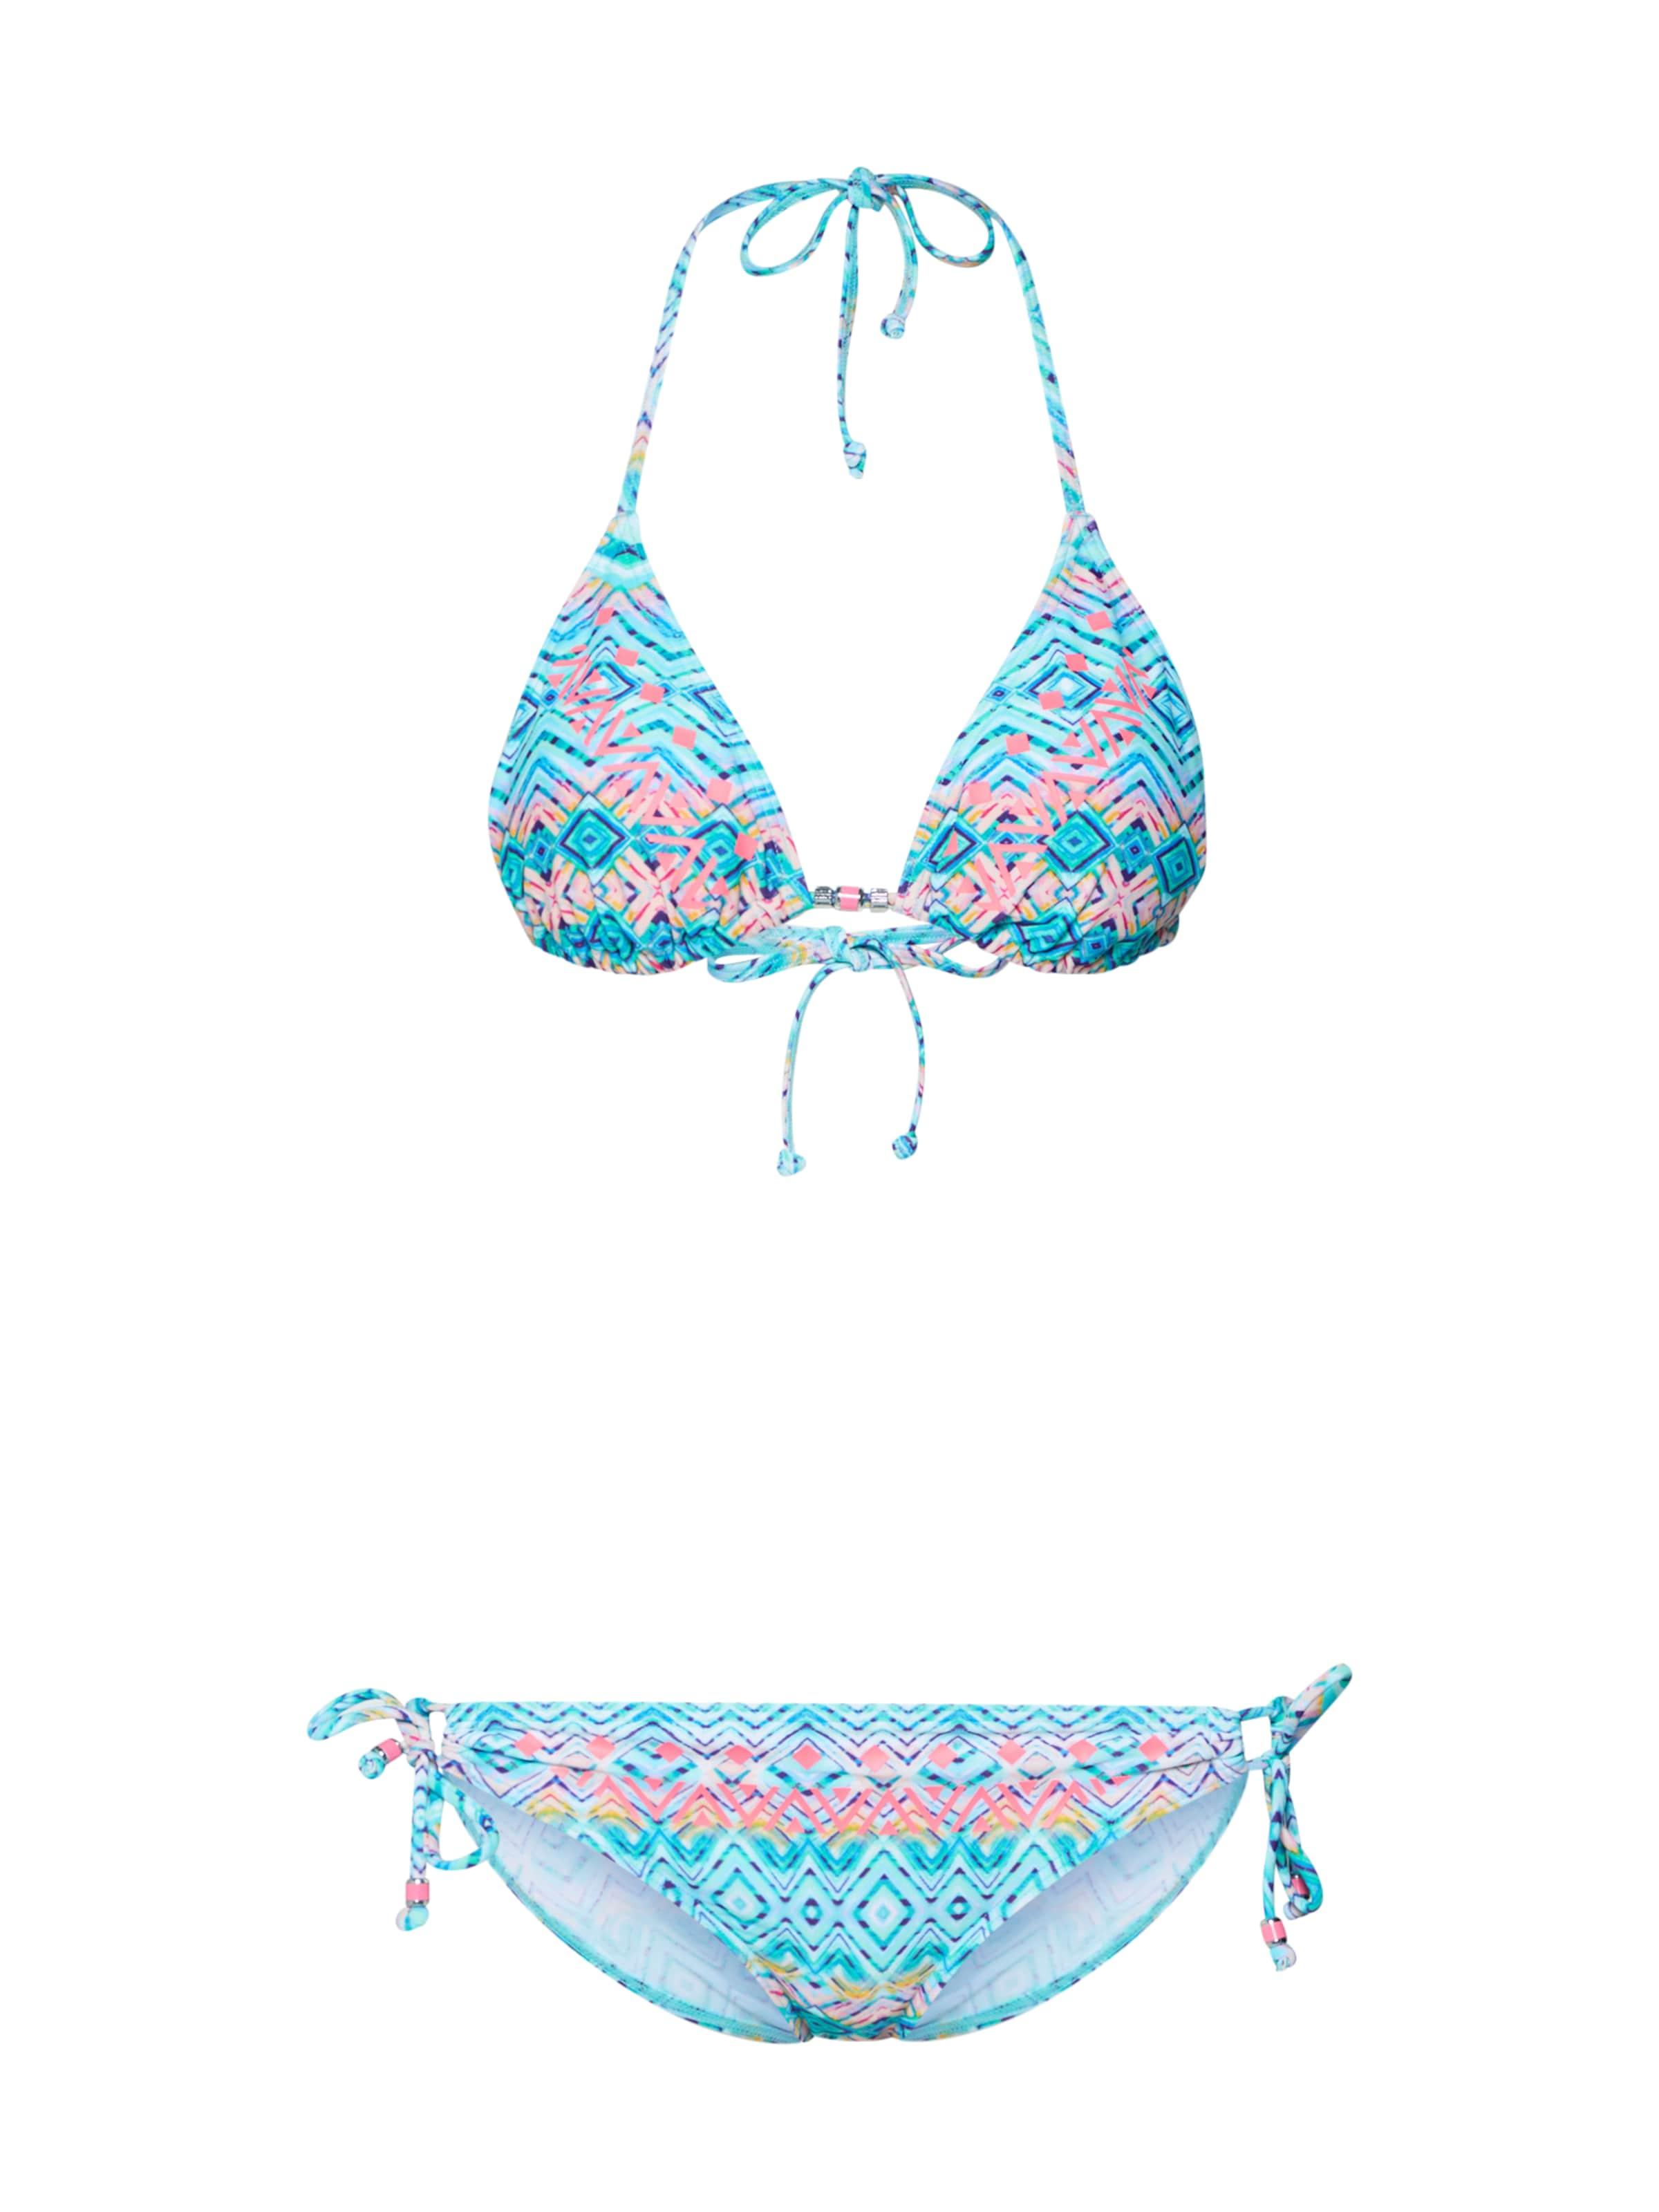 Bikini En Plug' Bleu Buffalo 'buf rCQthdxs